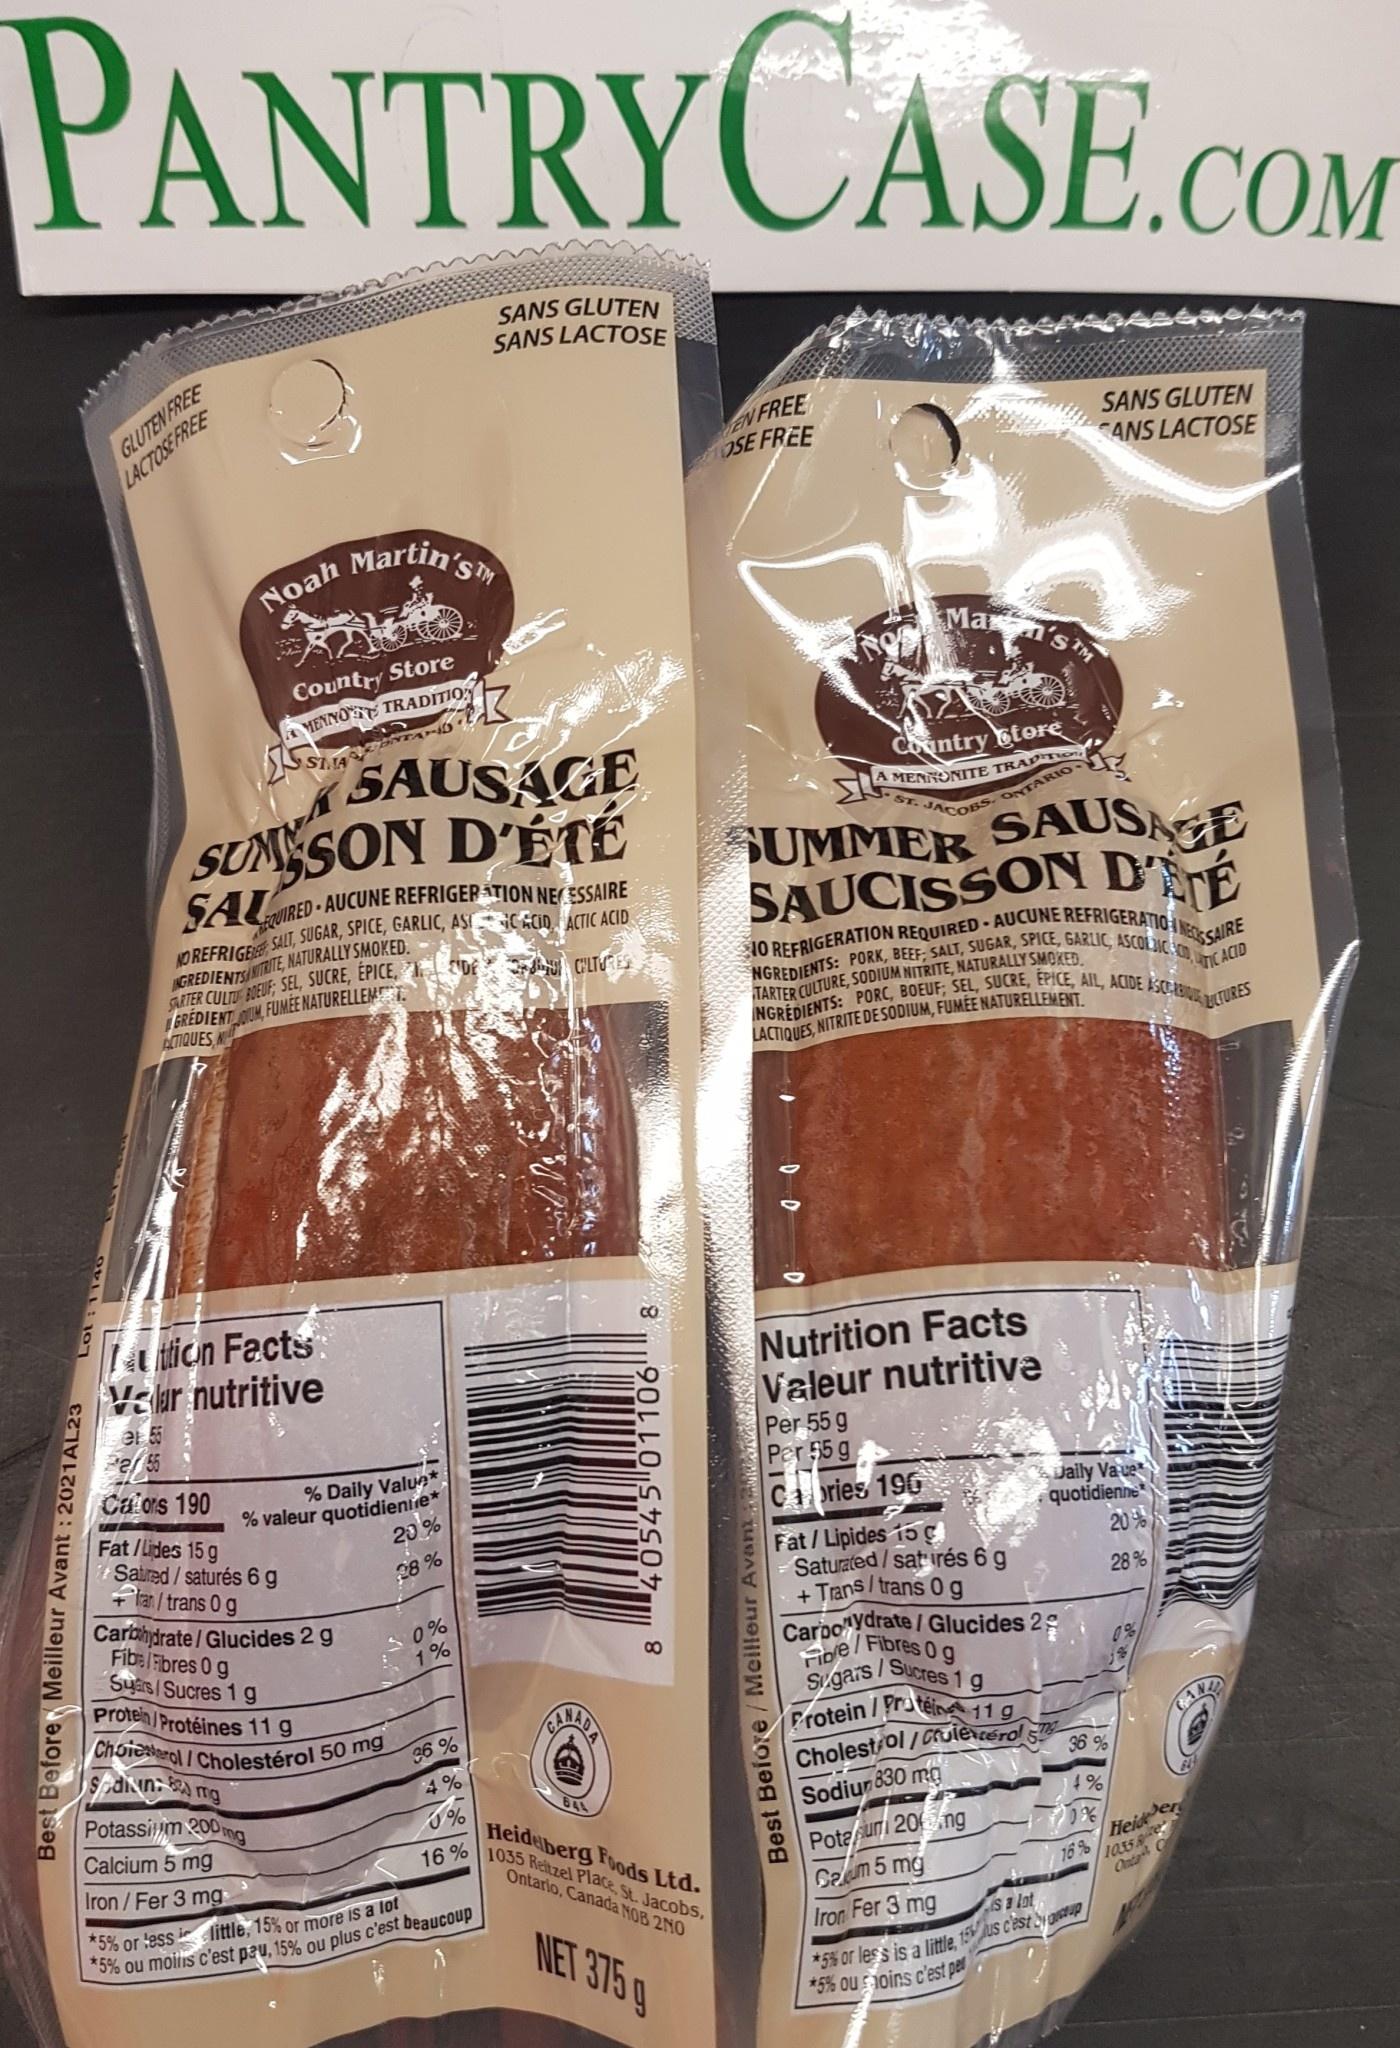 Summer Sausage 375g